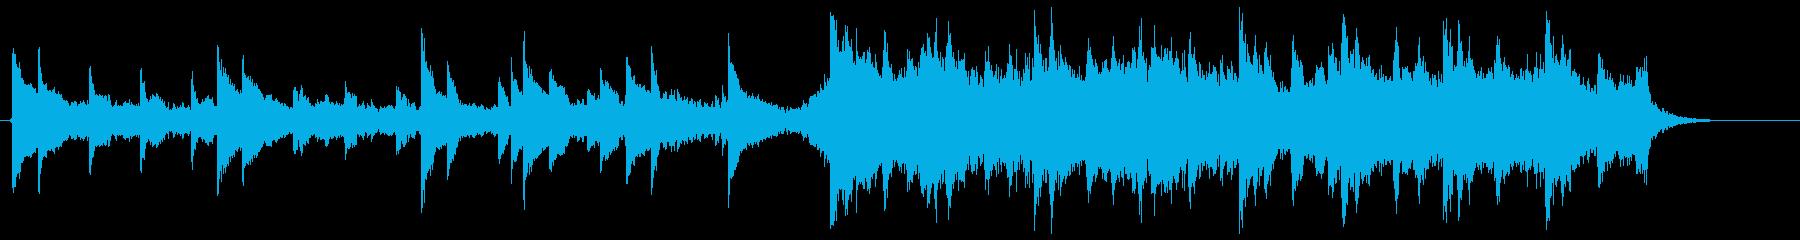 エモーショナルオーケストラ/ヴァースの再生済みの波形